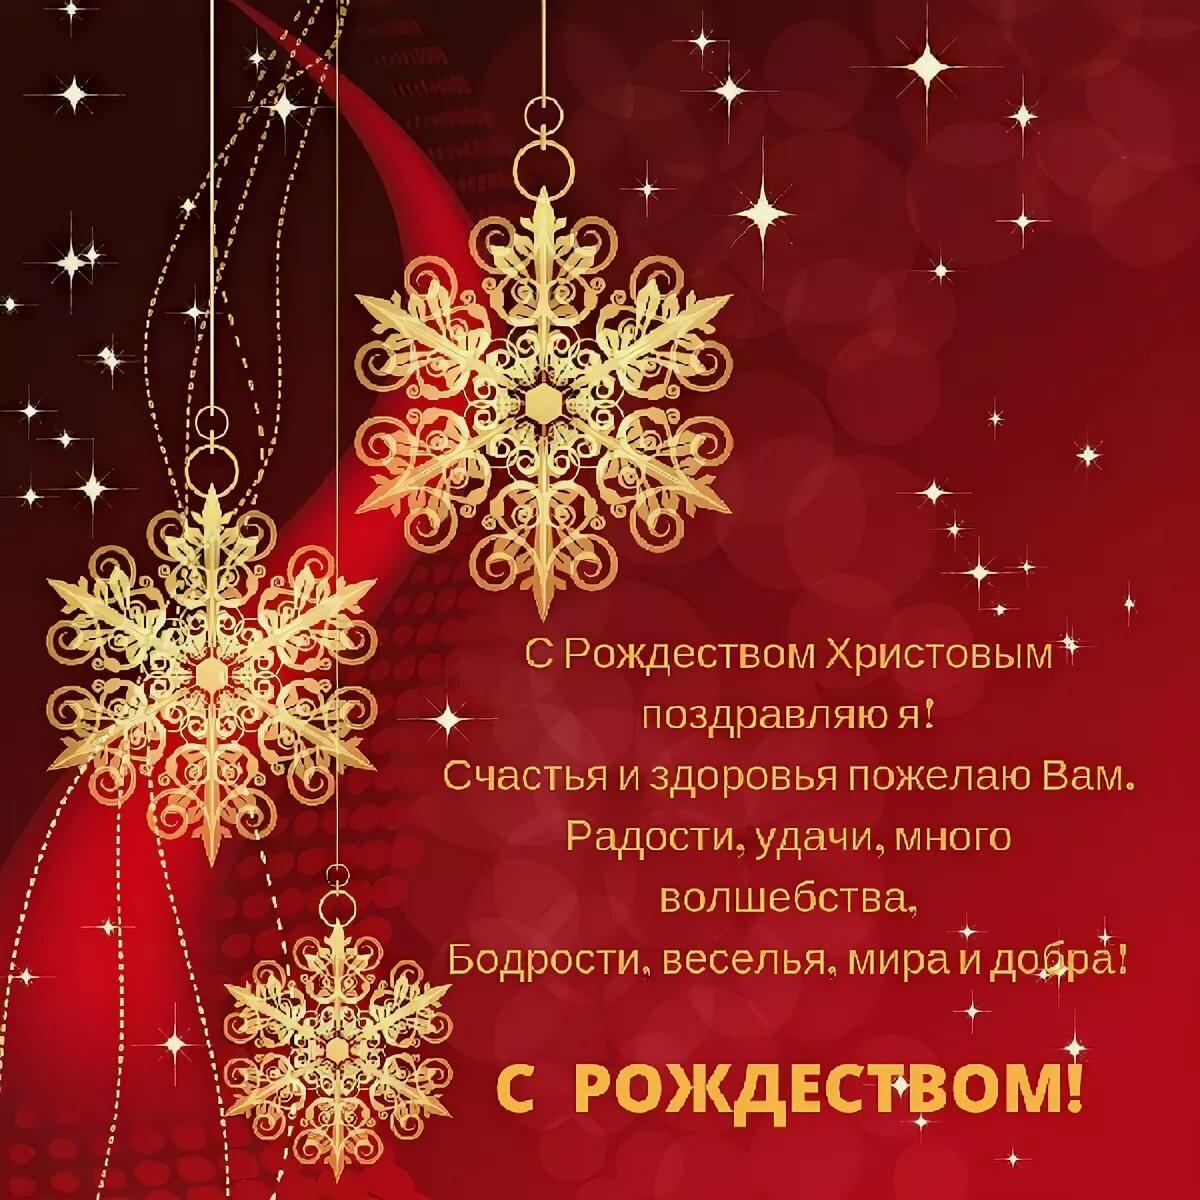 Рождество христово примите поздравления